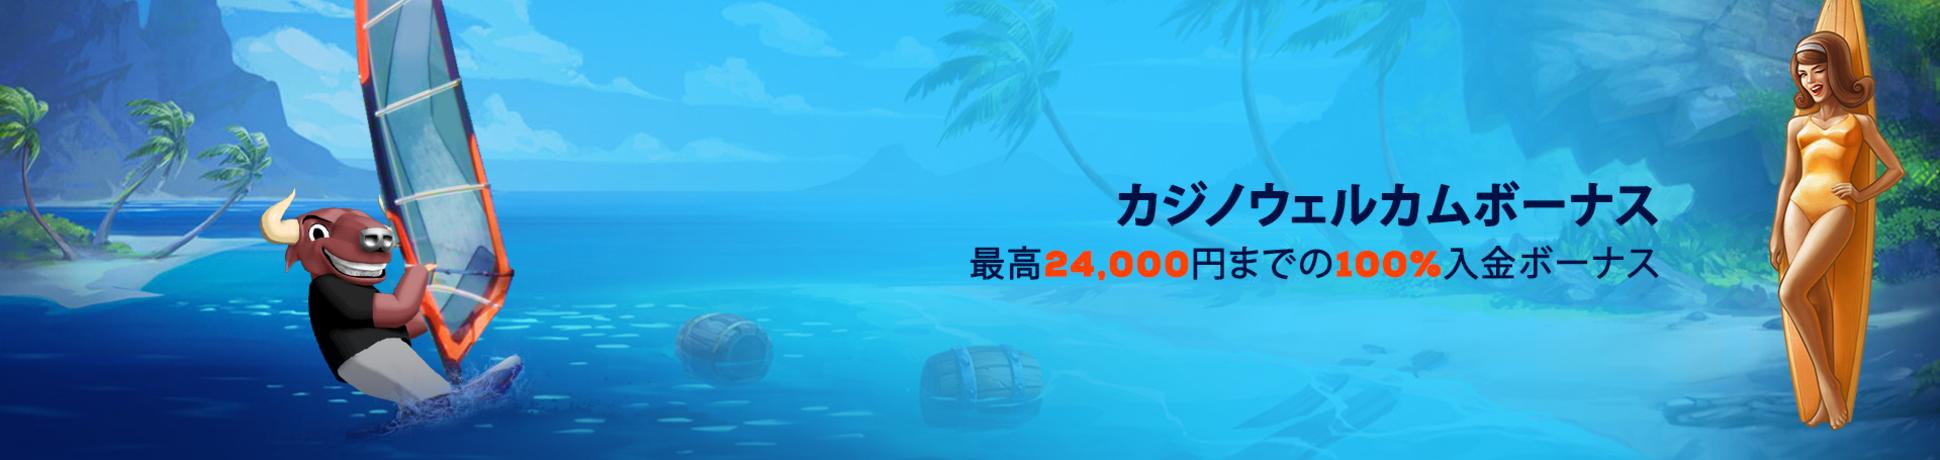 24000(二万四千) 円カジノウェルカム